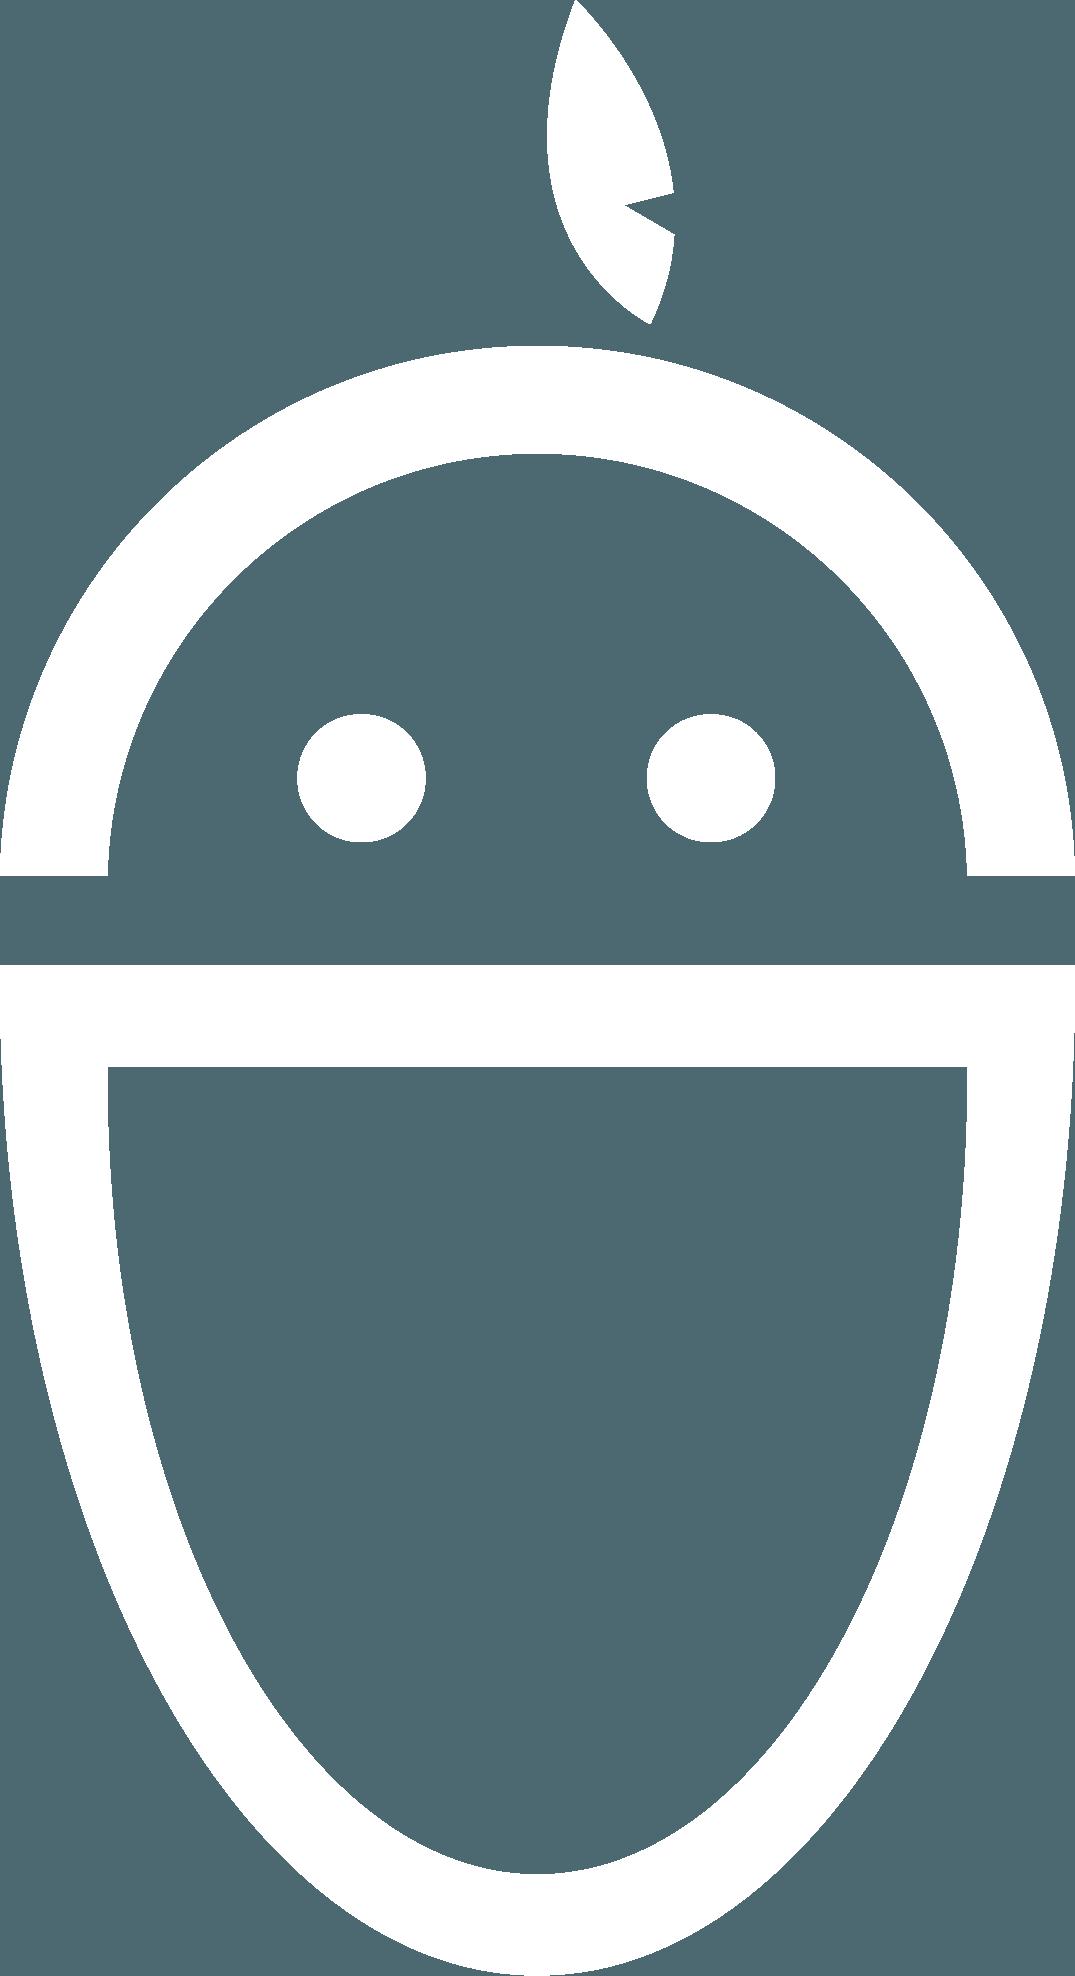 אפליקציית רובין